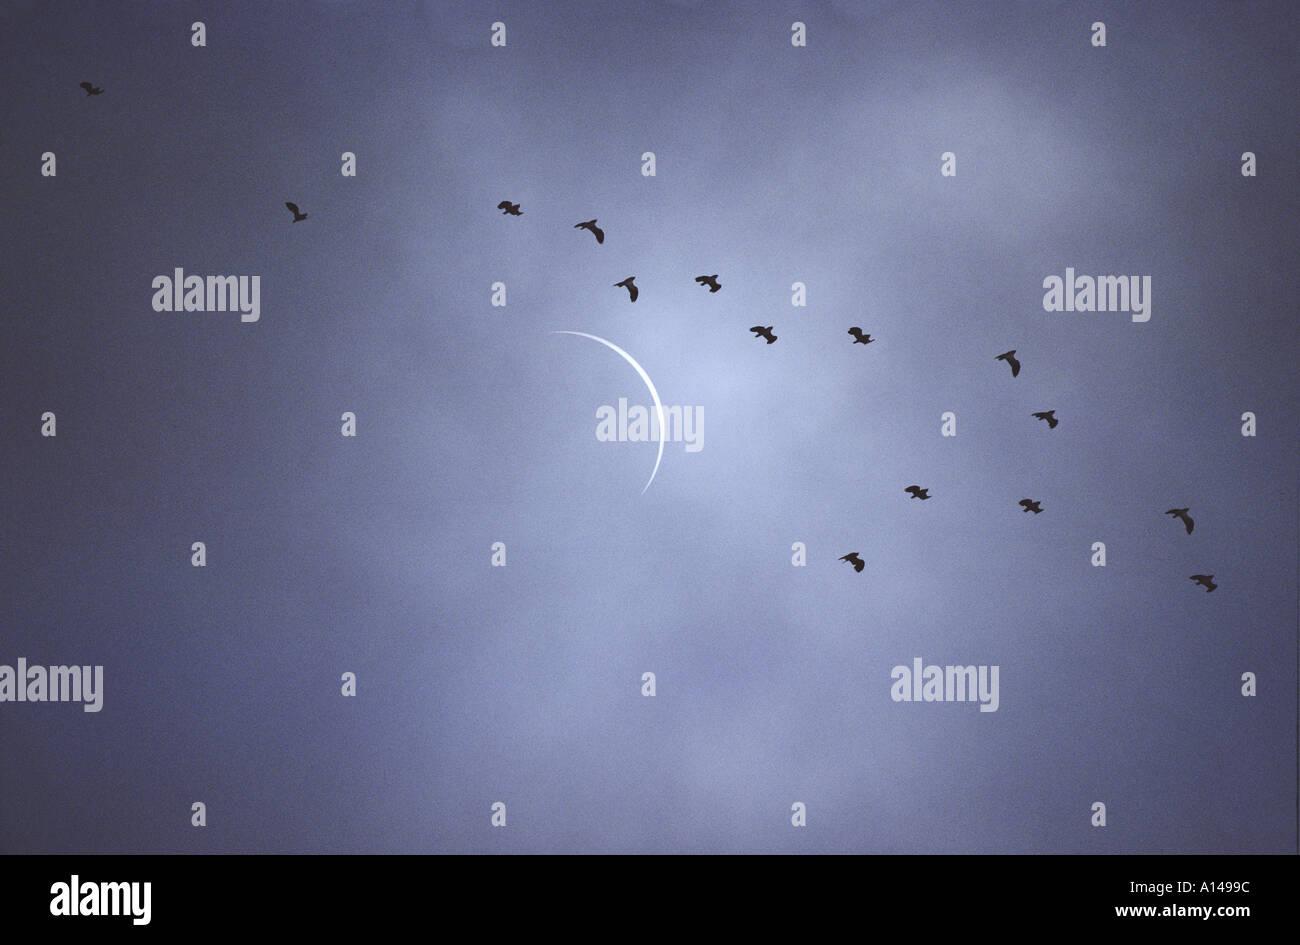 Sonnenfinsternis, teilweise verdeckt von dünnen Wolke Frankreich August 1999 Stockbild